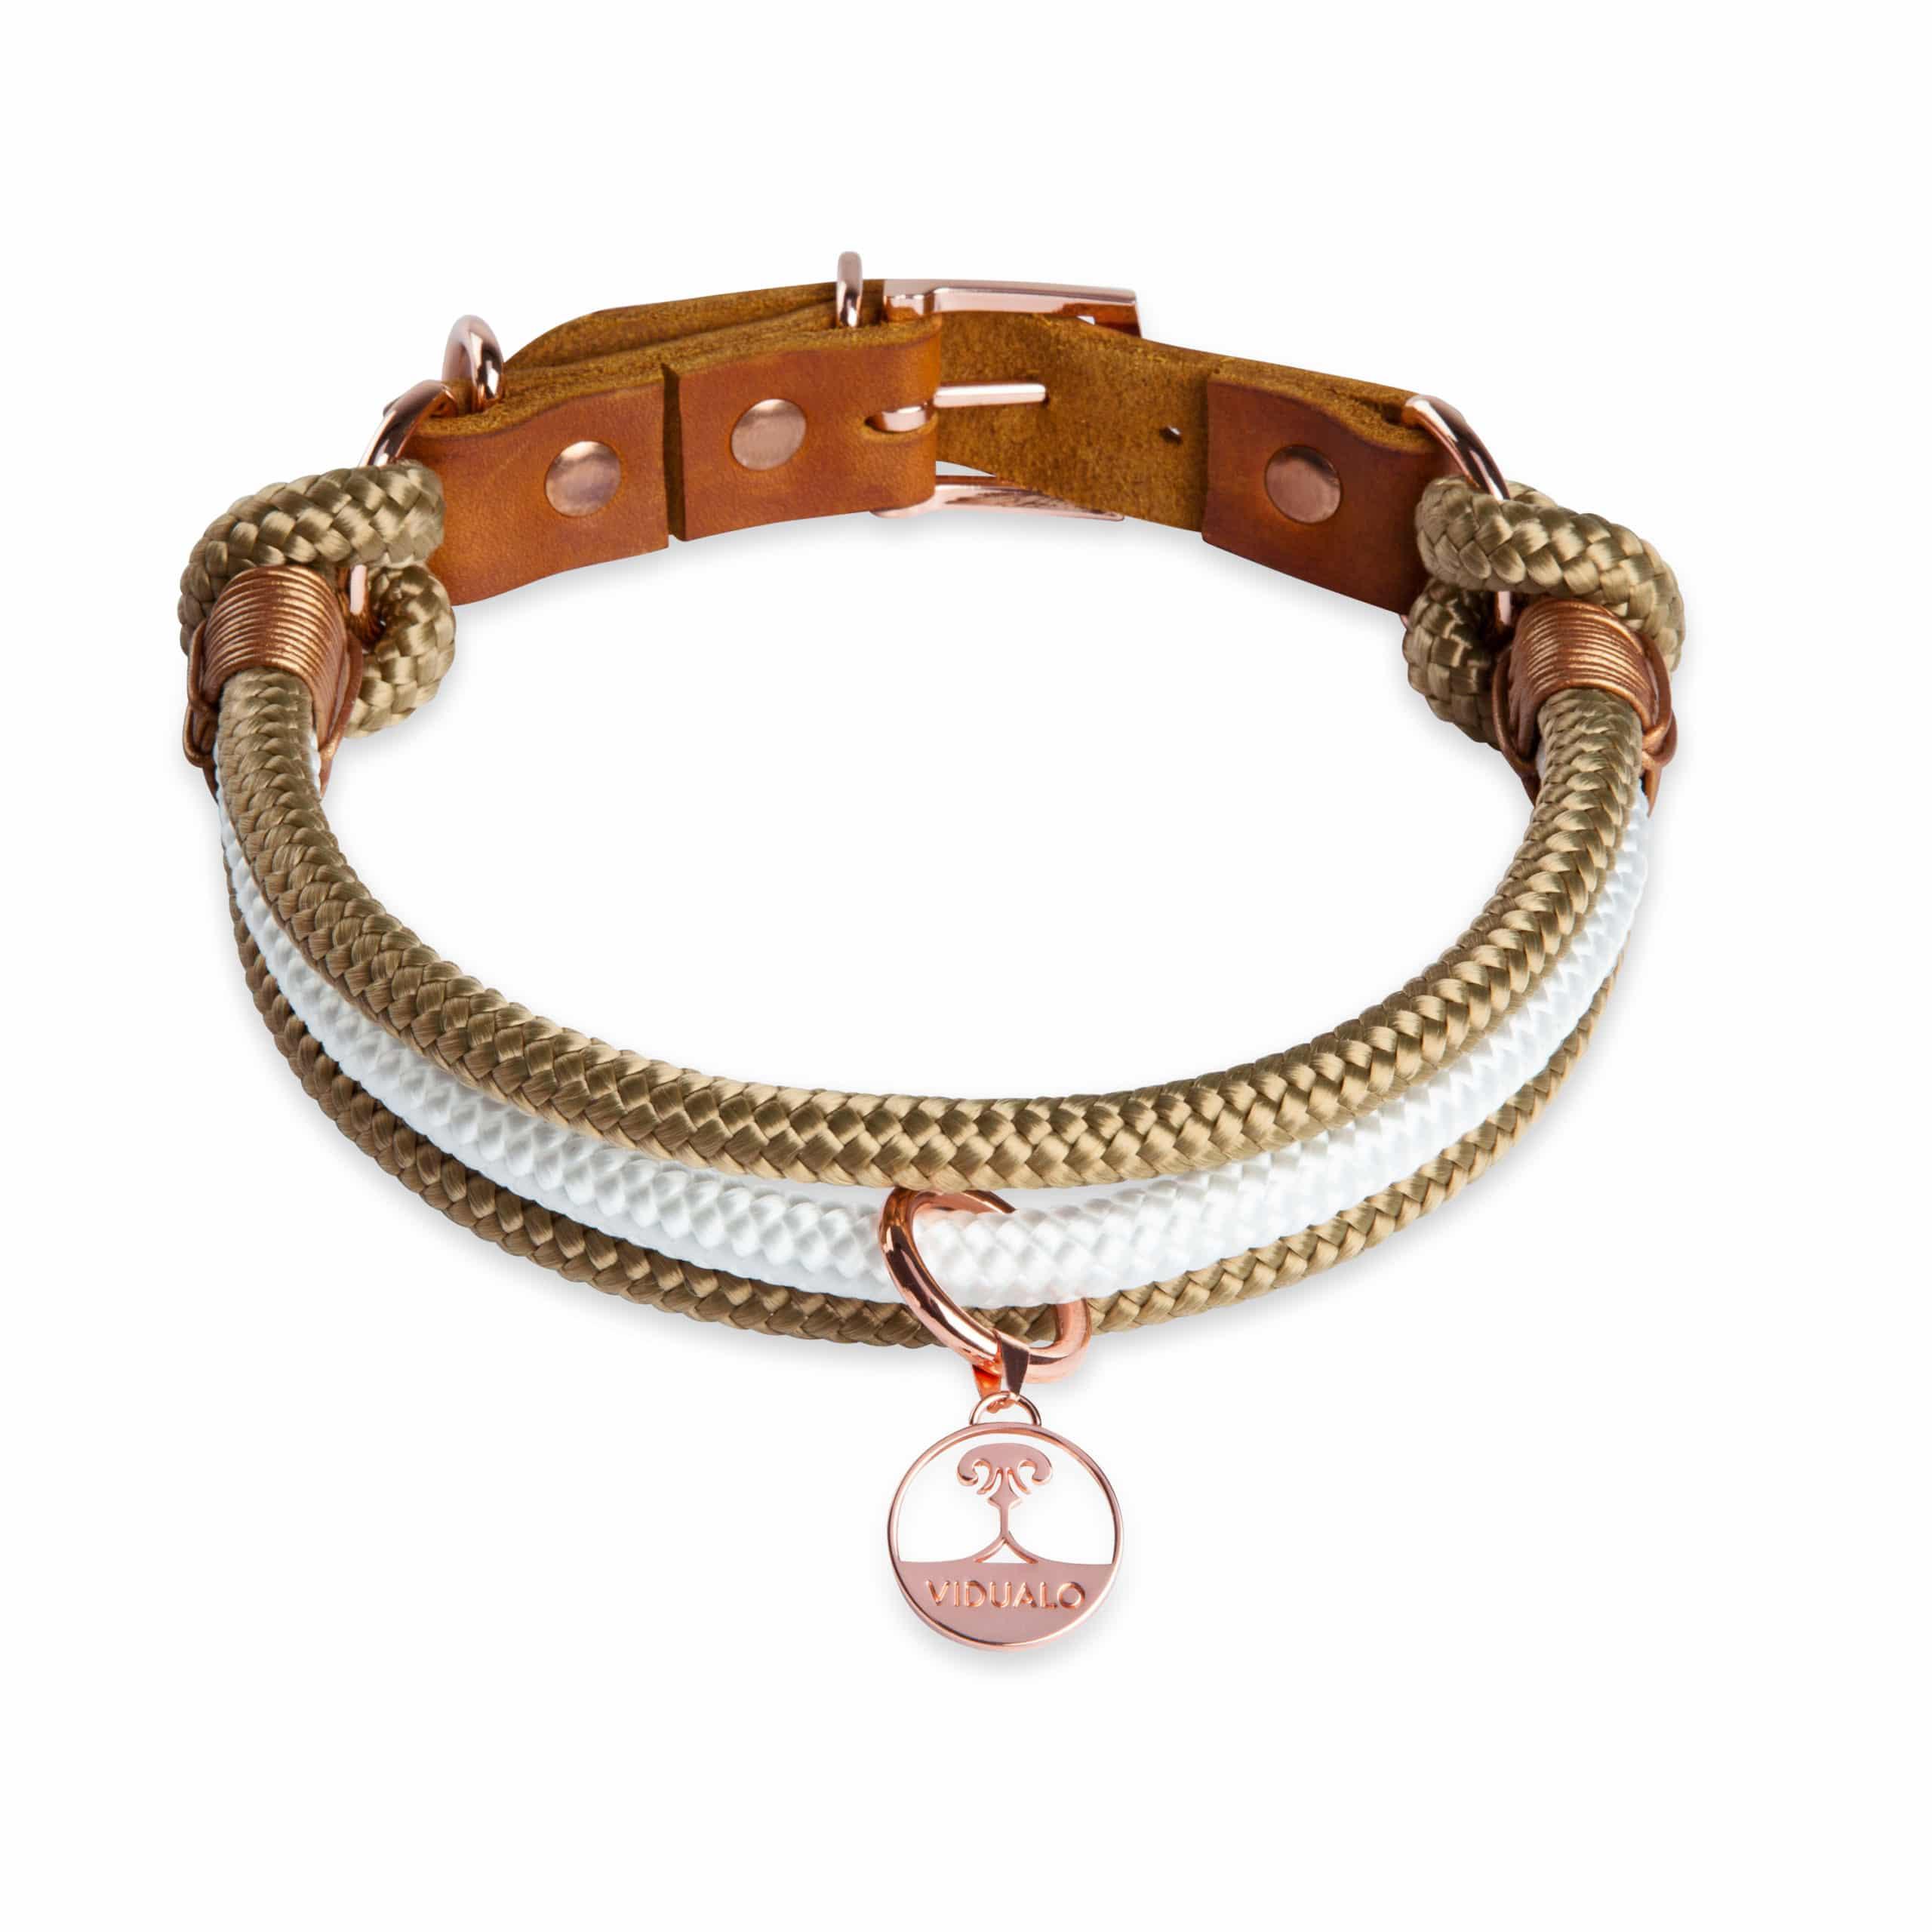 VIDUALO® Hundehalsband - Look Aminata